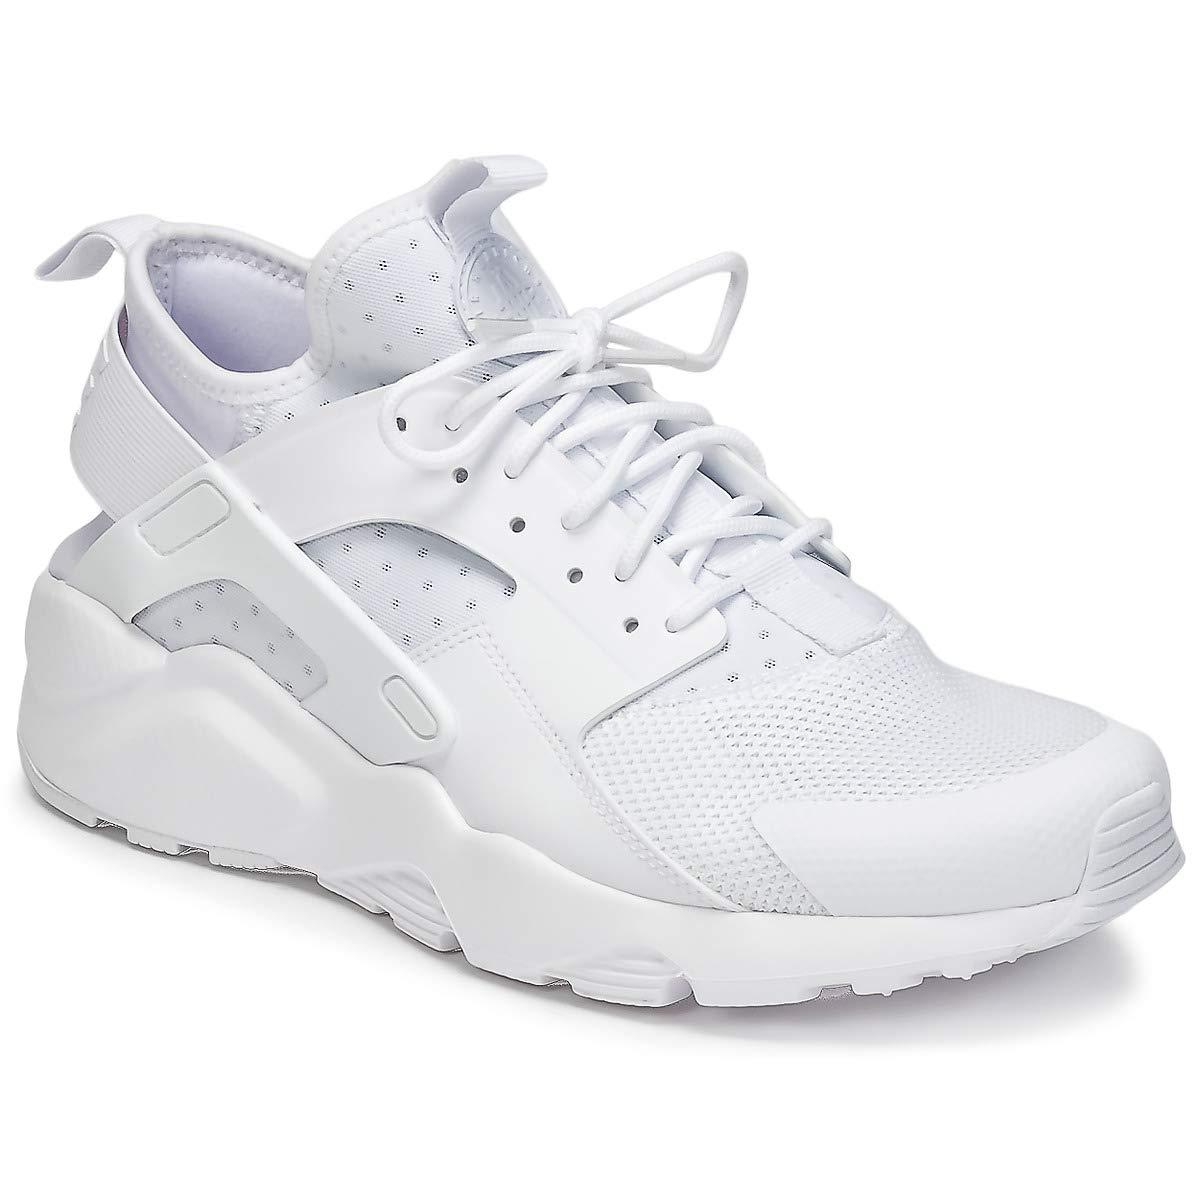 nike air huarache scarpe da corsa uomo